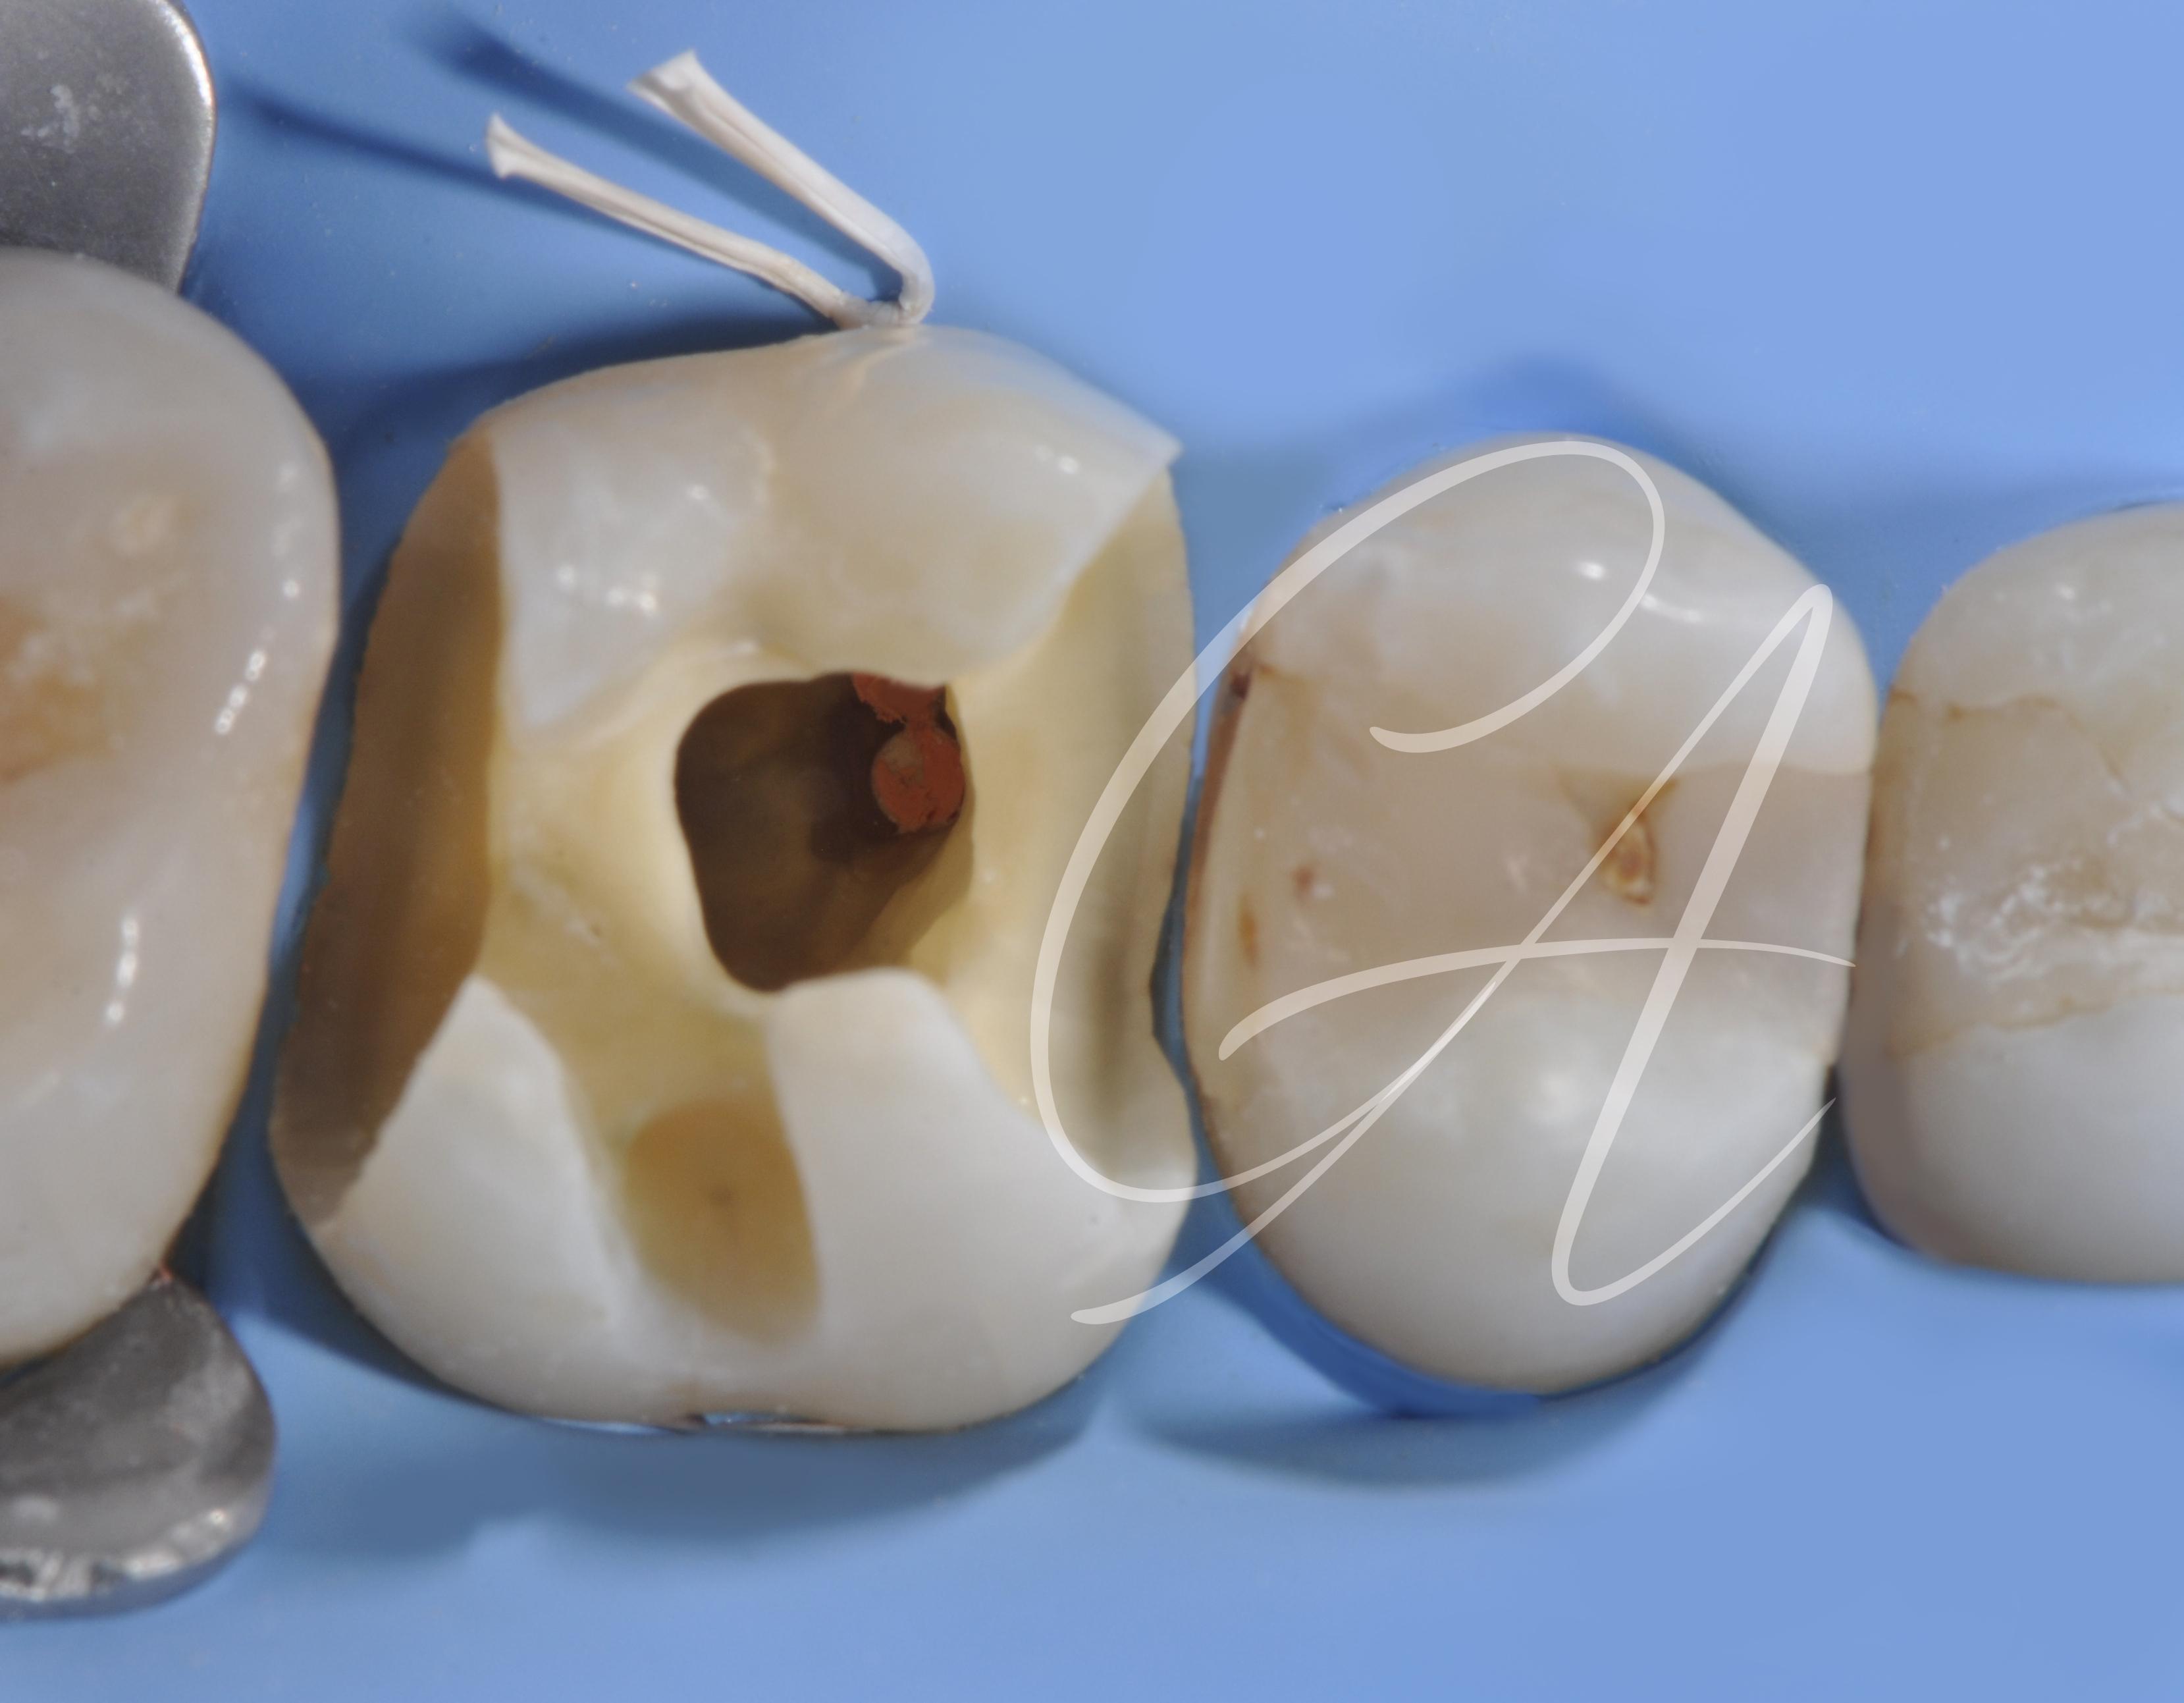 Post-terapia endodontica